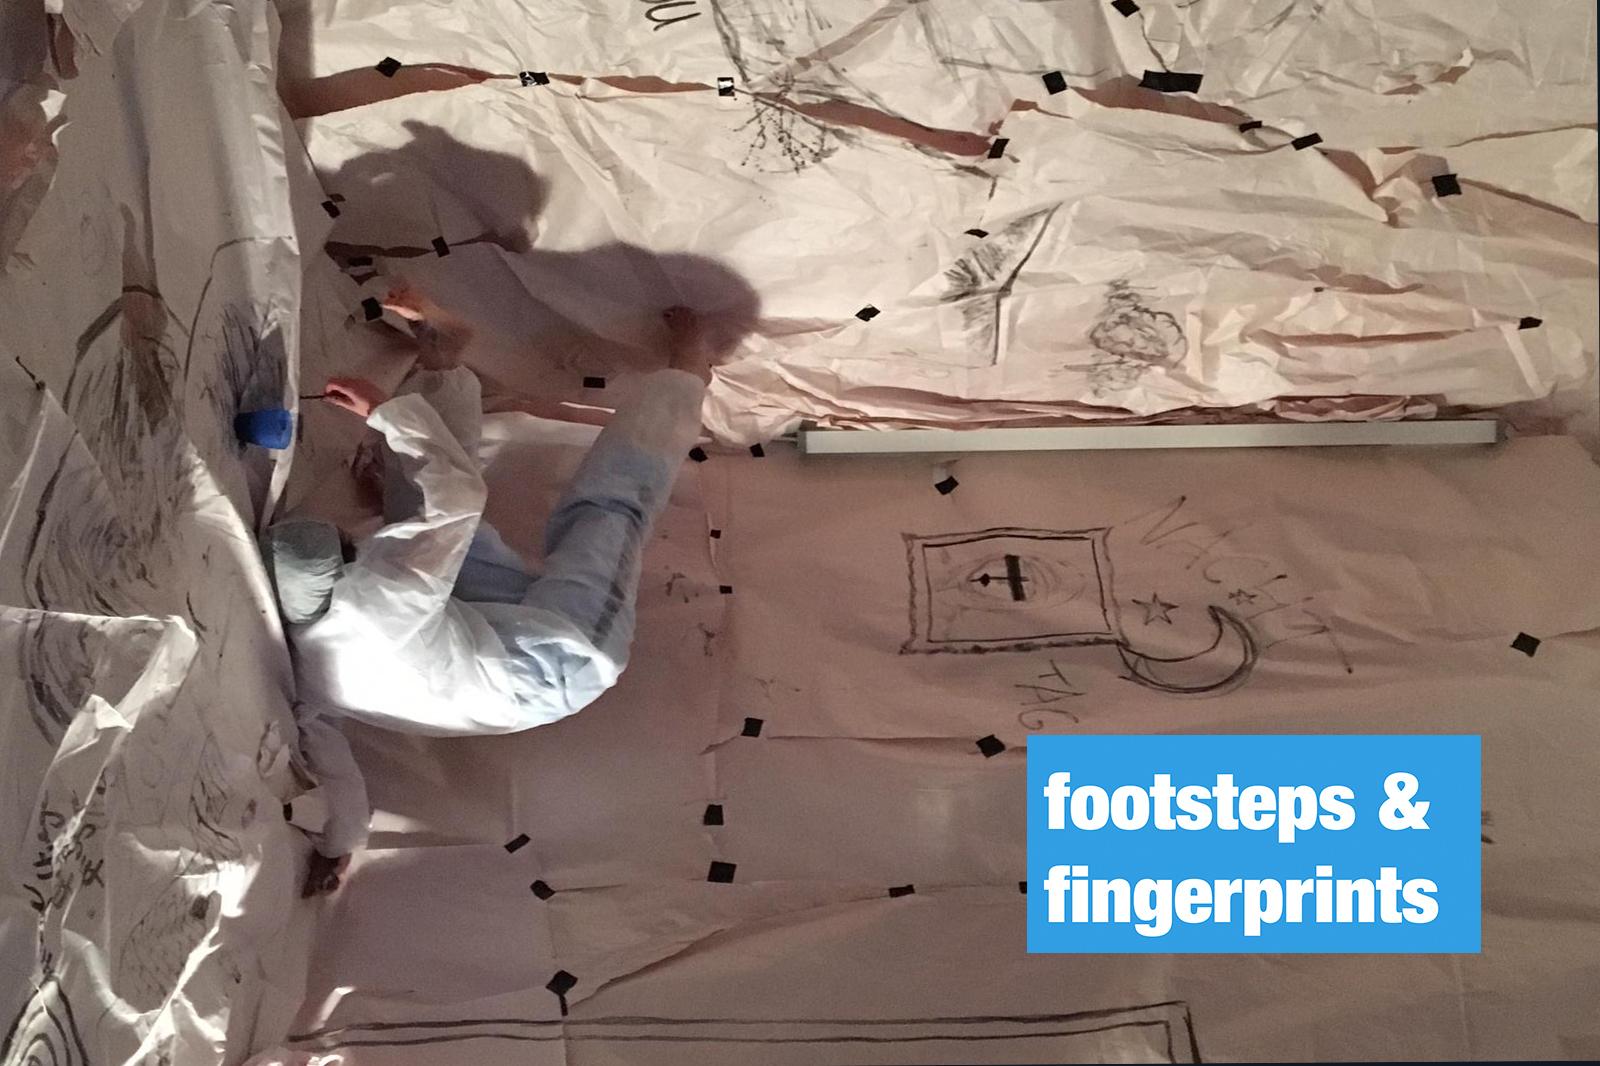 footsteps-and-fingerprints_2099-Räume